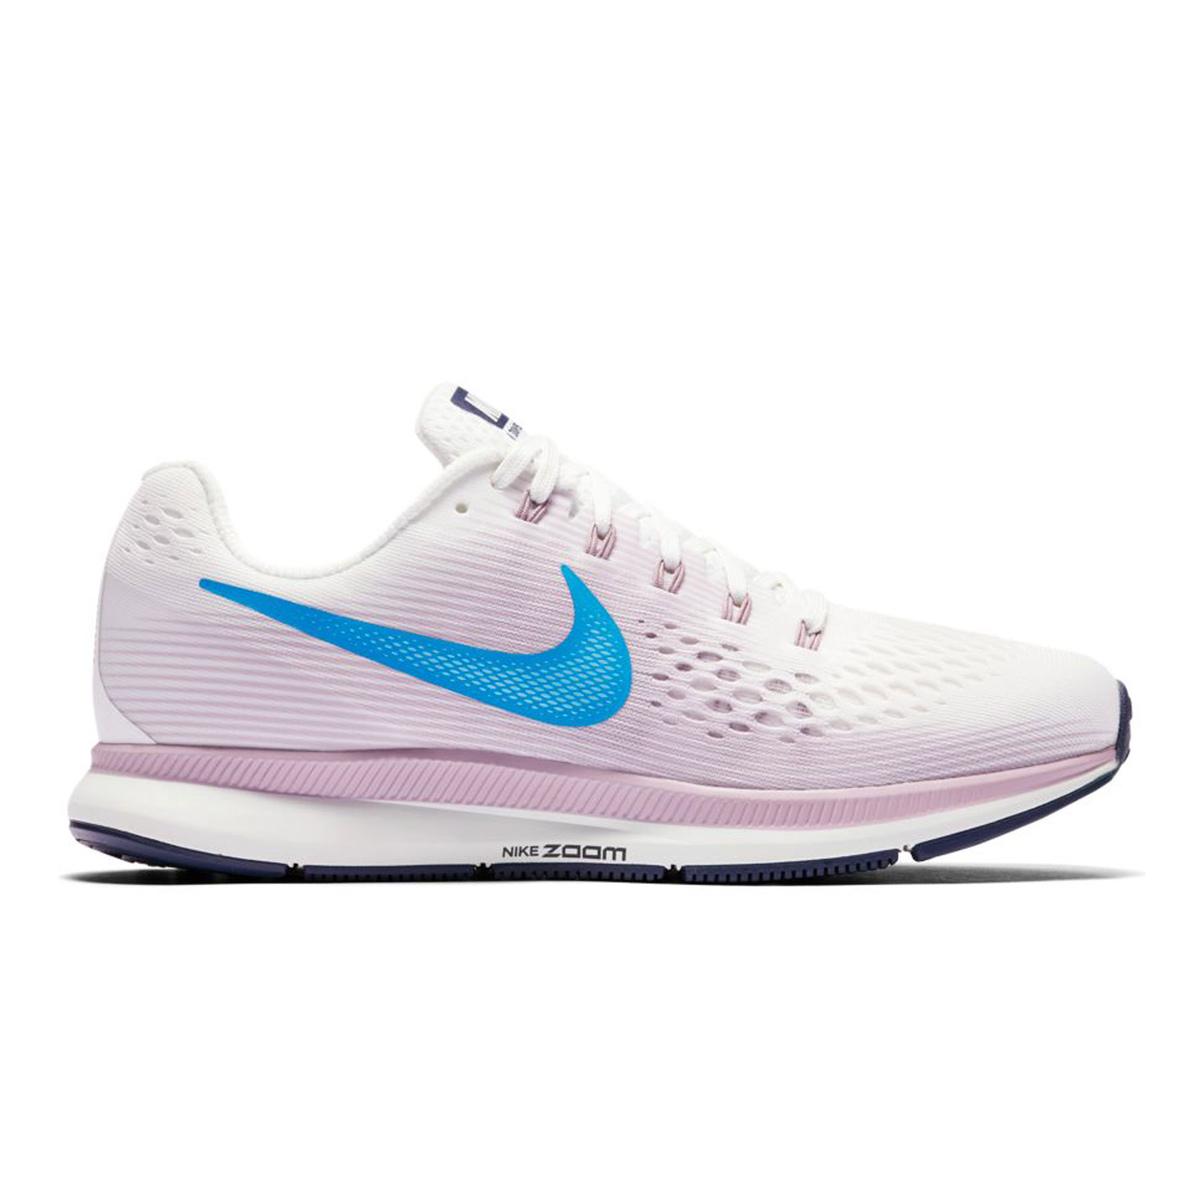 Prezzi delle Nike Air Zoom Pegasus 34 economiche - Offerte per ... 705d8888995